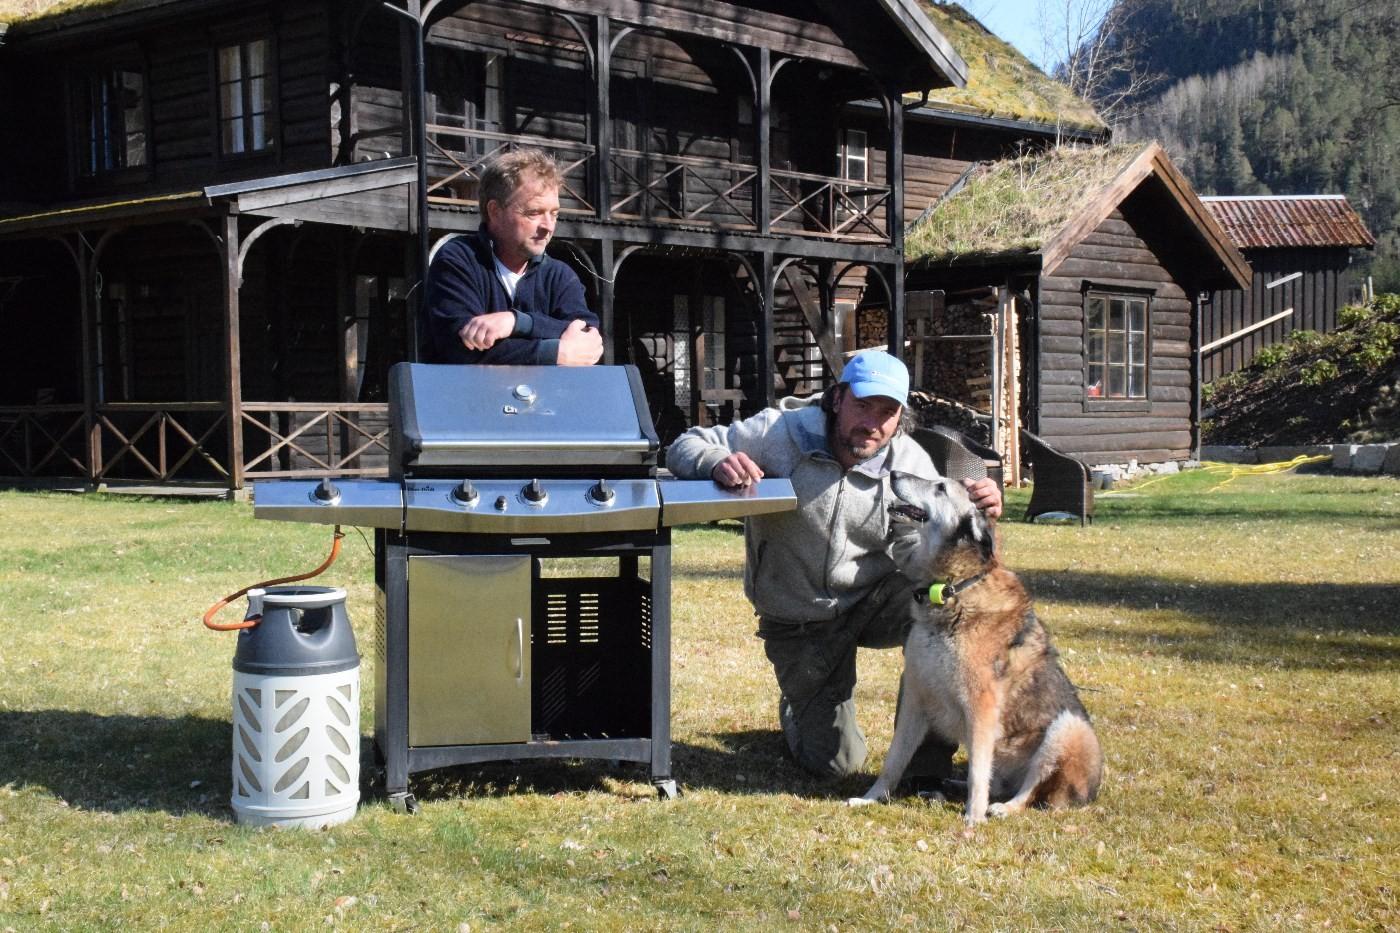 Ny grill på plass på Todalshytta. Eric malling og kompisen Jan Larsen framfor Todalshytta.  Foto: Driva/Jon Olav Ørsal